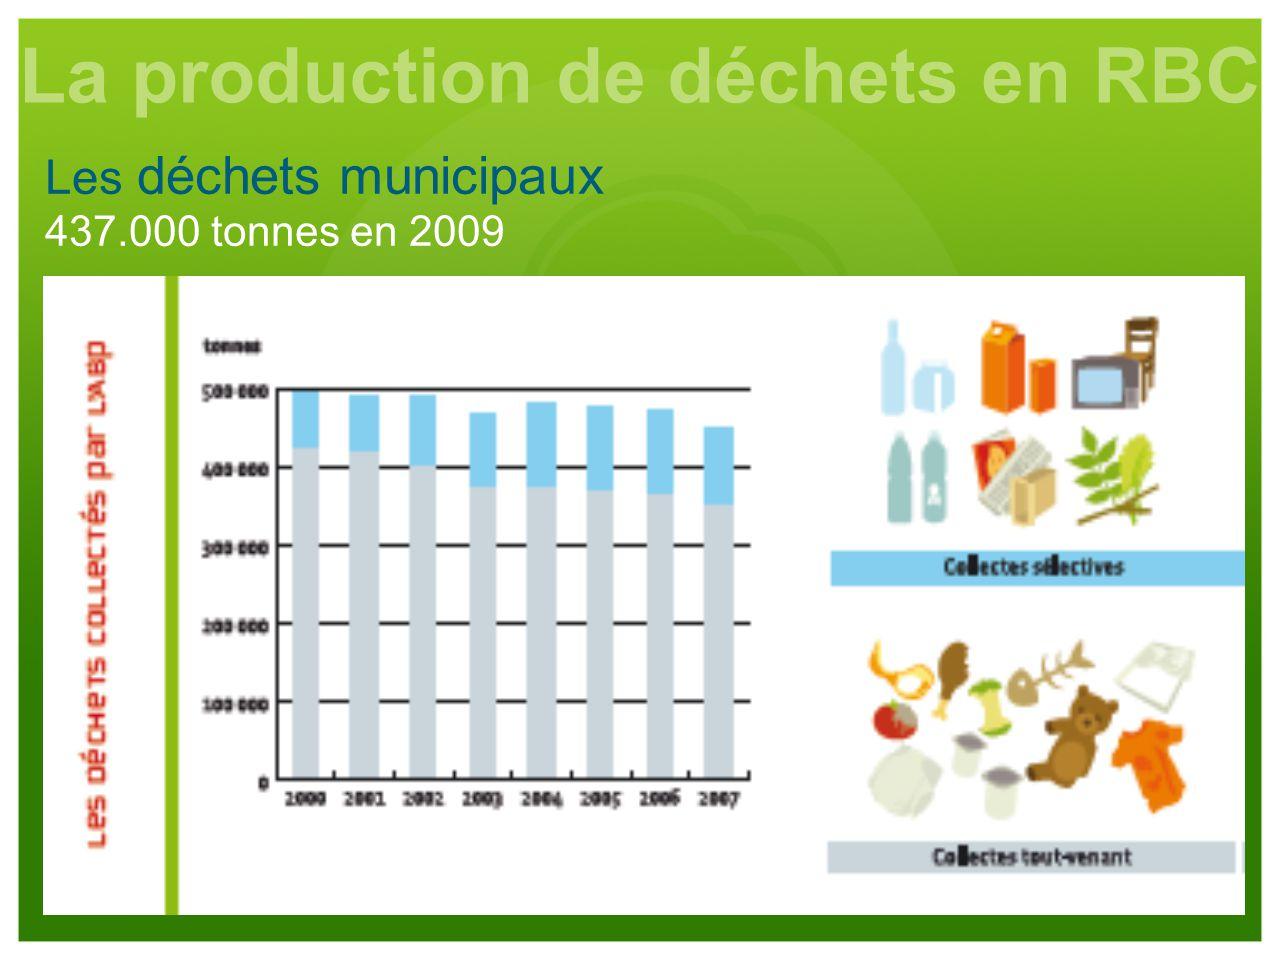 Les déchets municipaux 437.000 tonnes en 2009 La production de déchets en RBC